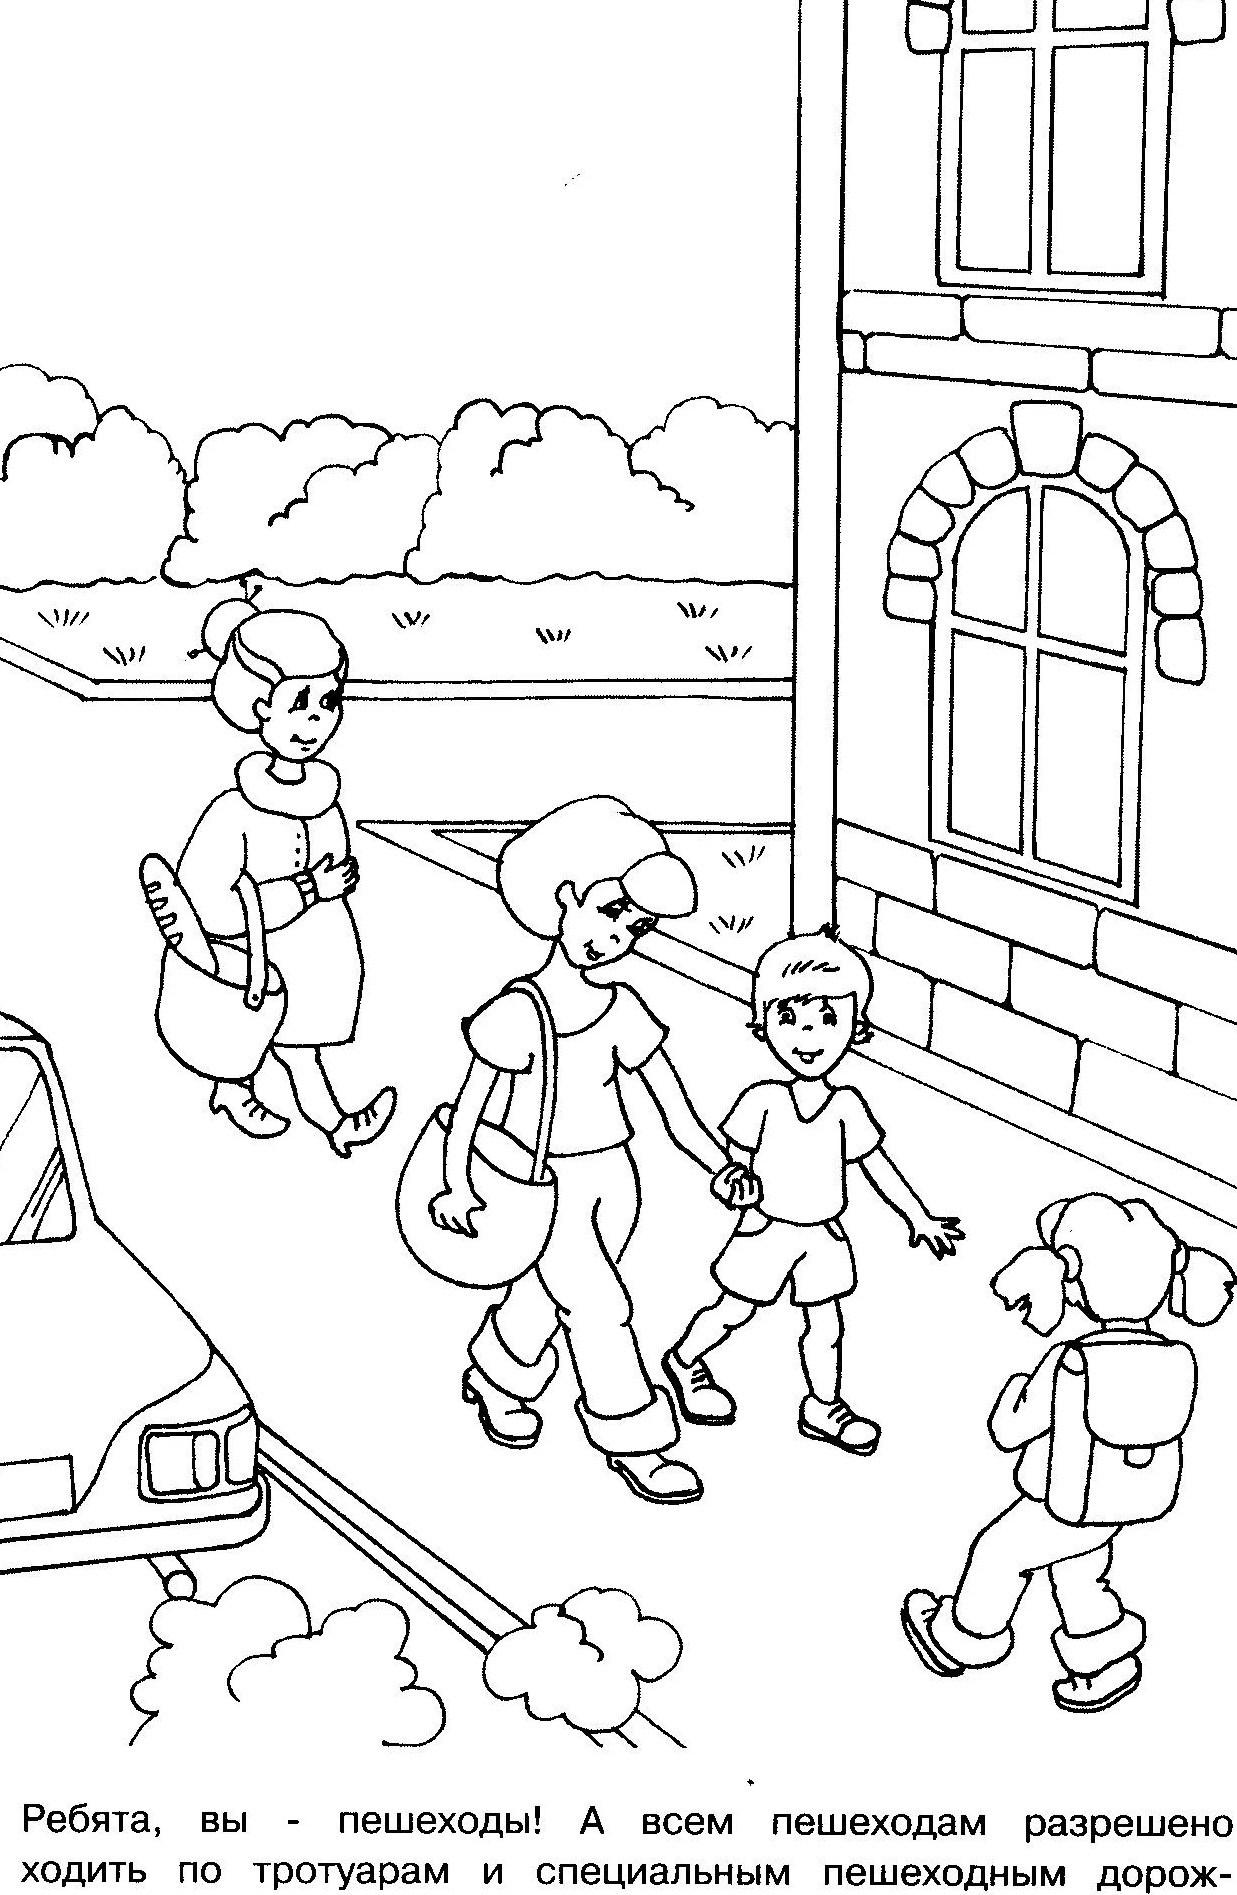 Картинка по пдд для школьников раскраска